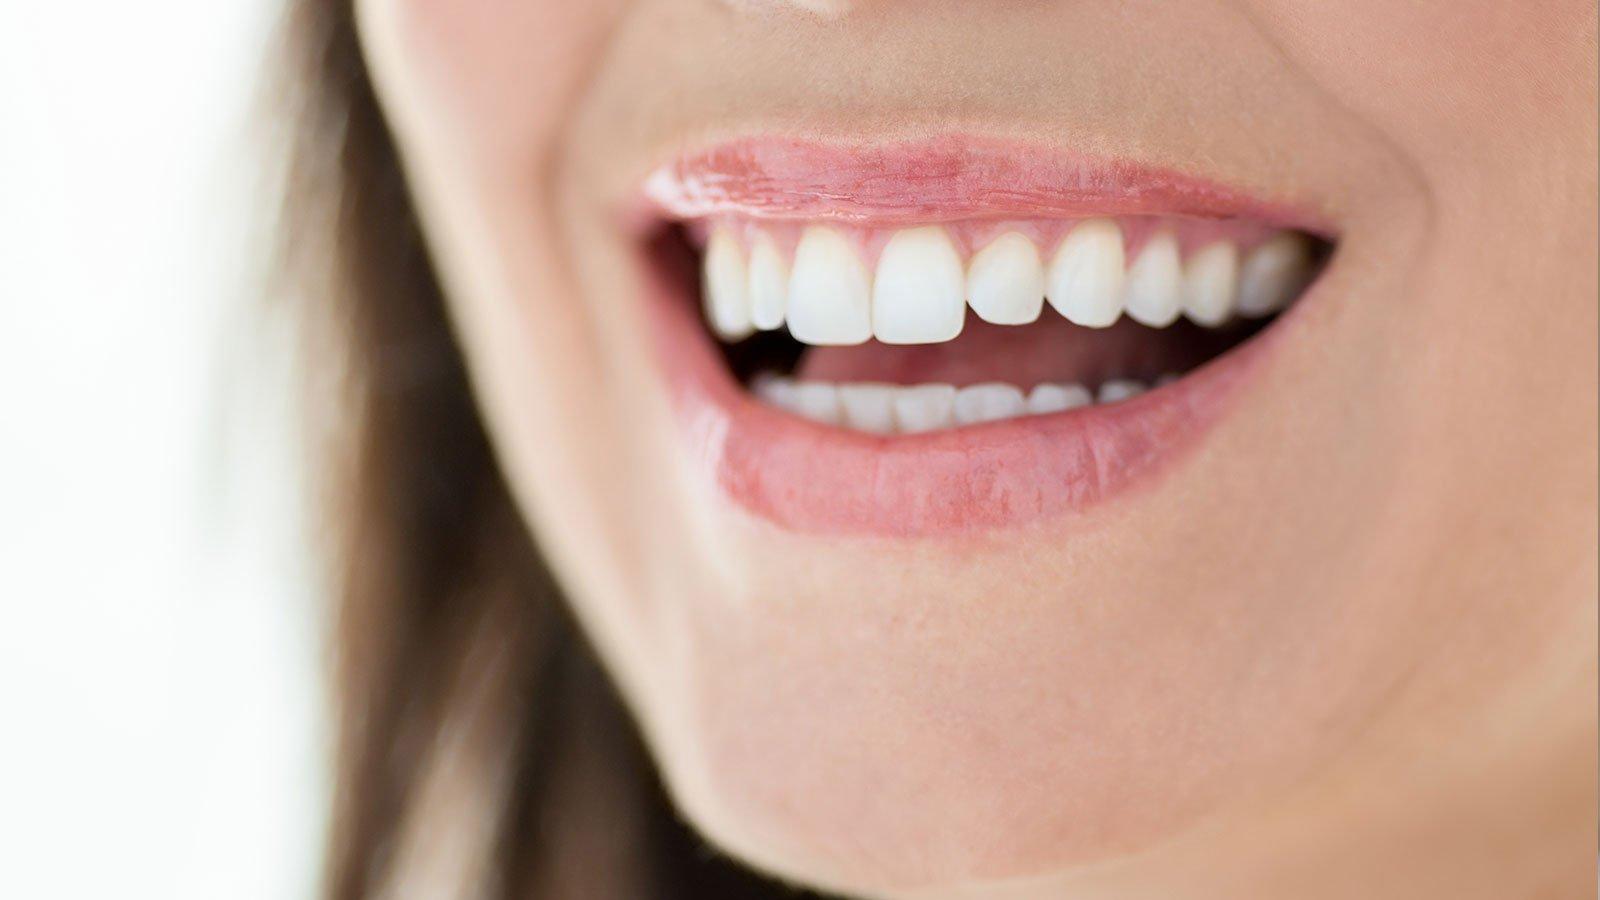 la bocca di una donna